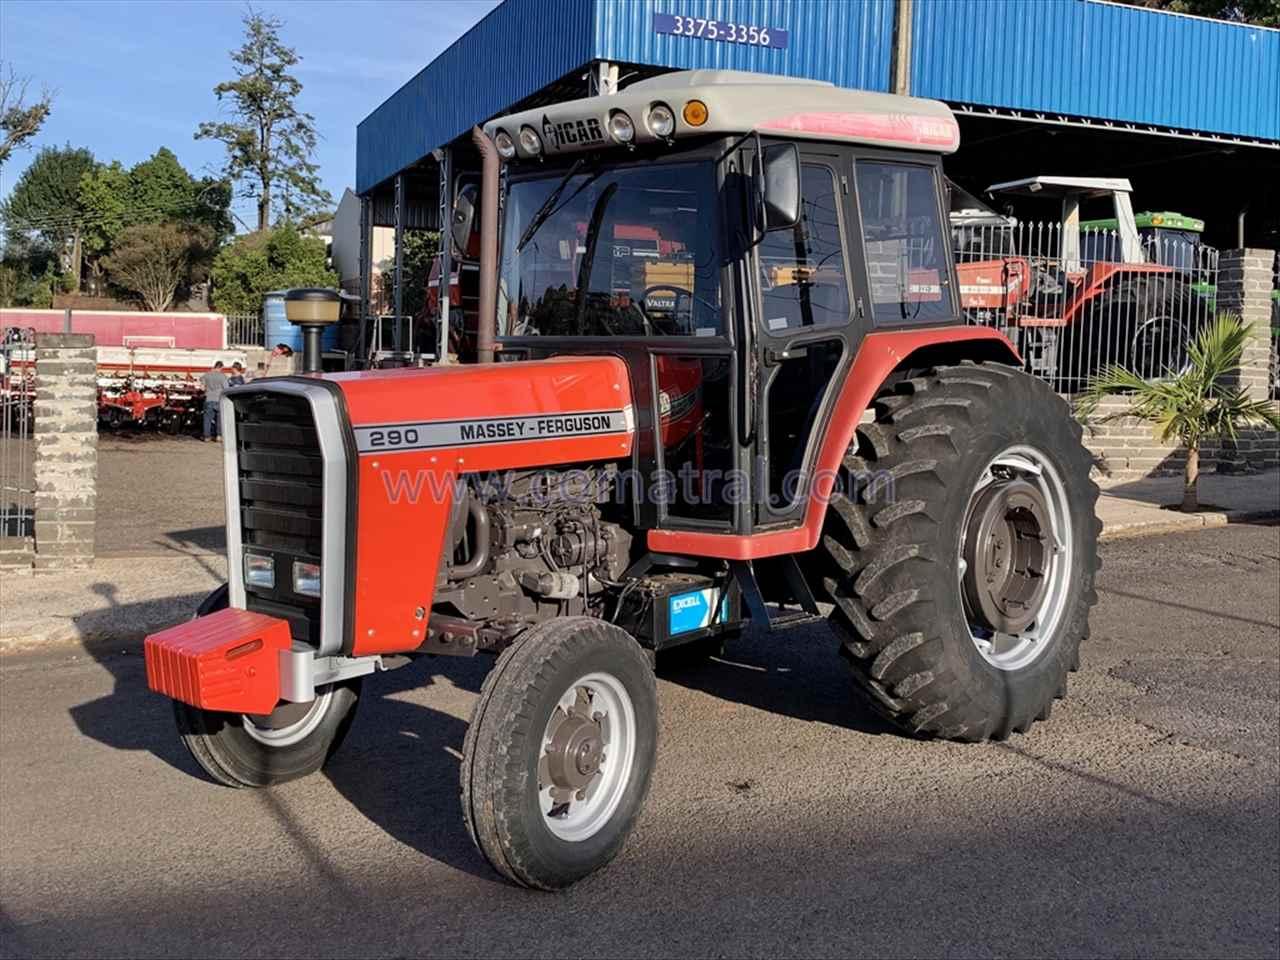 TRATOR MASSEY FERGUSON MF 290 Tração 4x2 Comatral Caminhões e Máquinas Agrícolas PANAMBI RIO GRANDE DO SUL RS